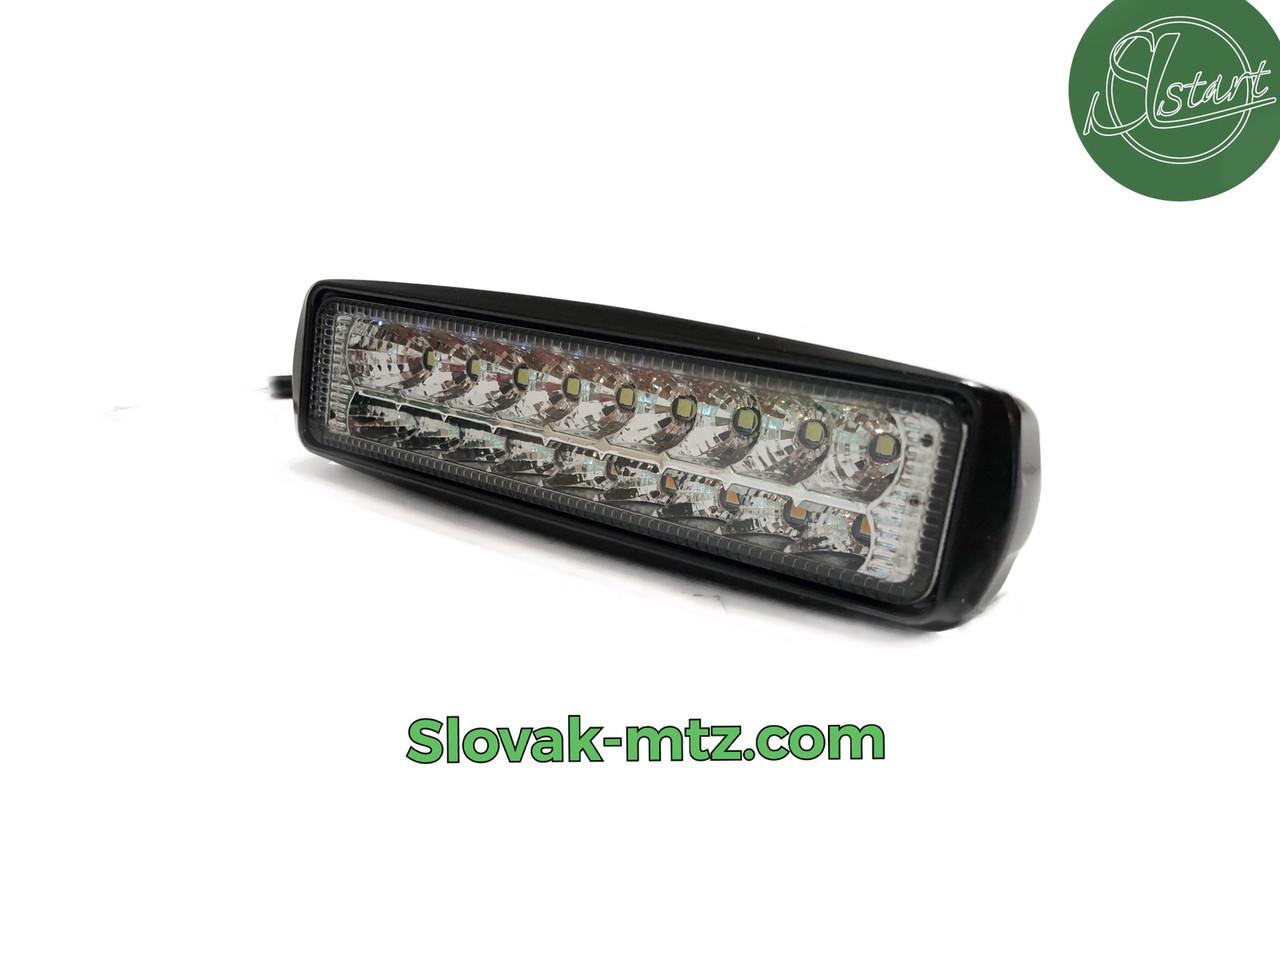 Светодиодная LED фара 36Вт  (светодиоды 2w x18шт + з поворотником) Широкий луч